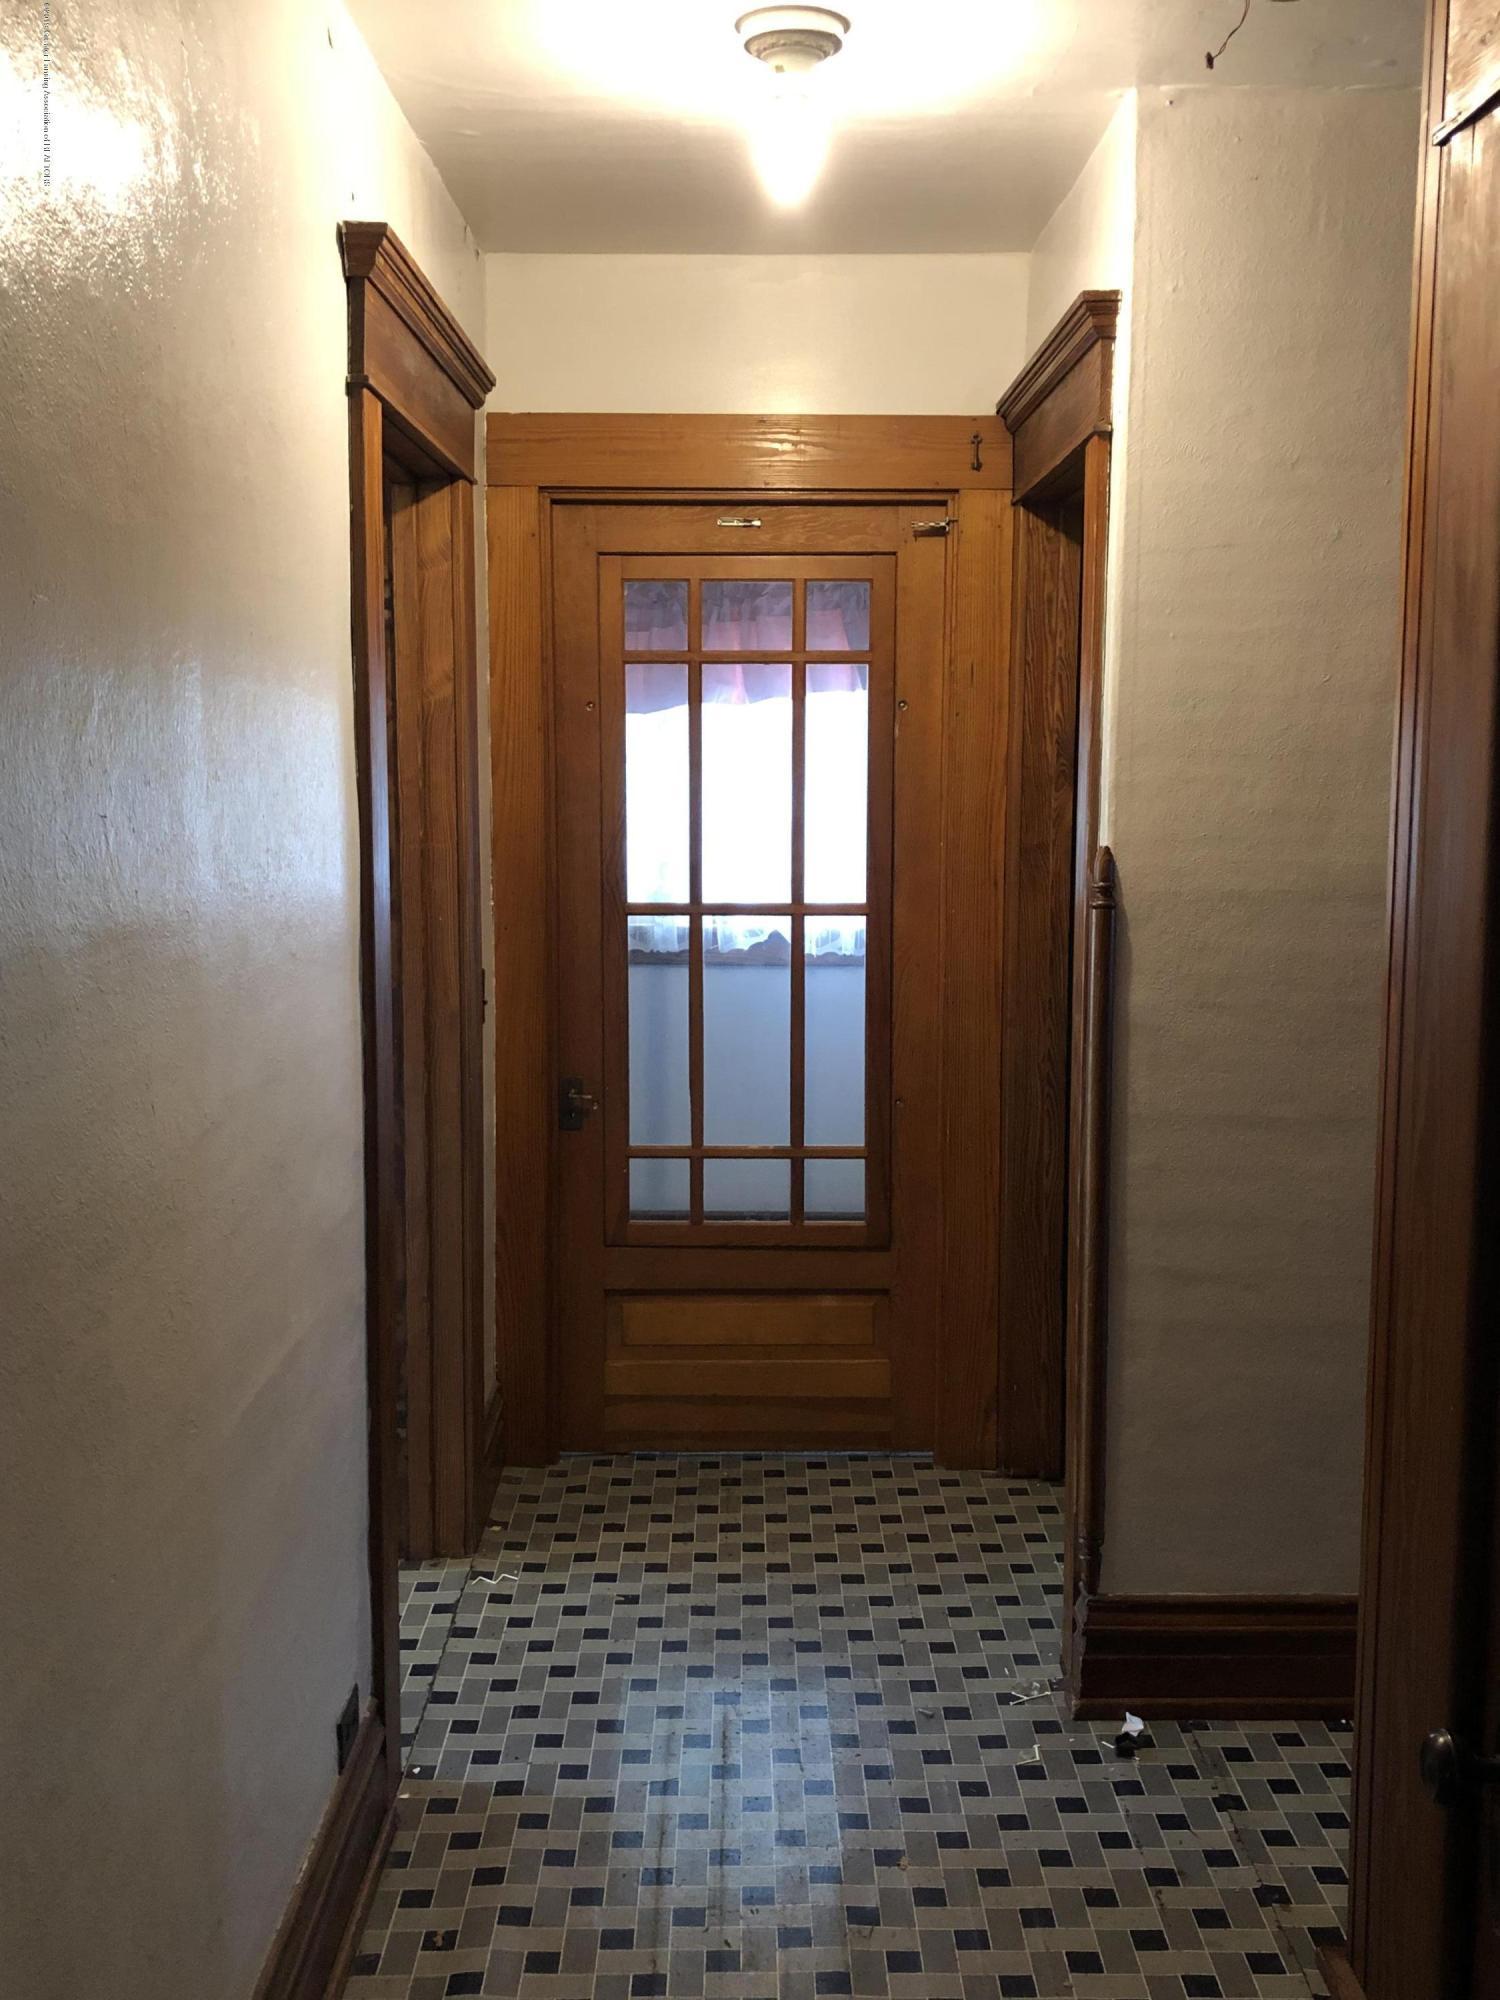 6748 W Beard Rd - 2nd floor hallway - 22